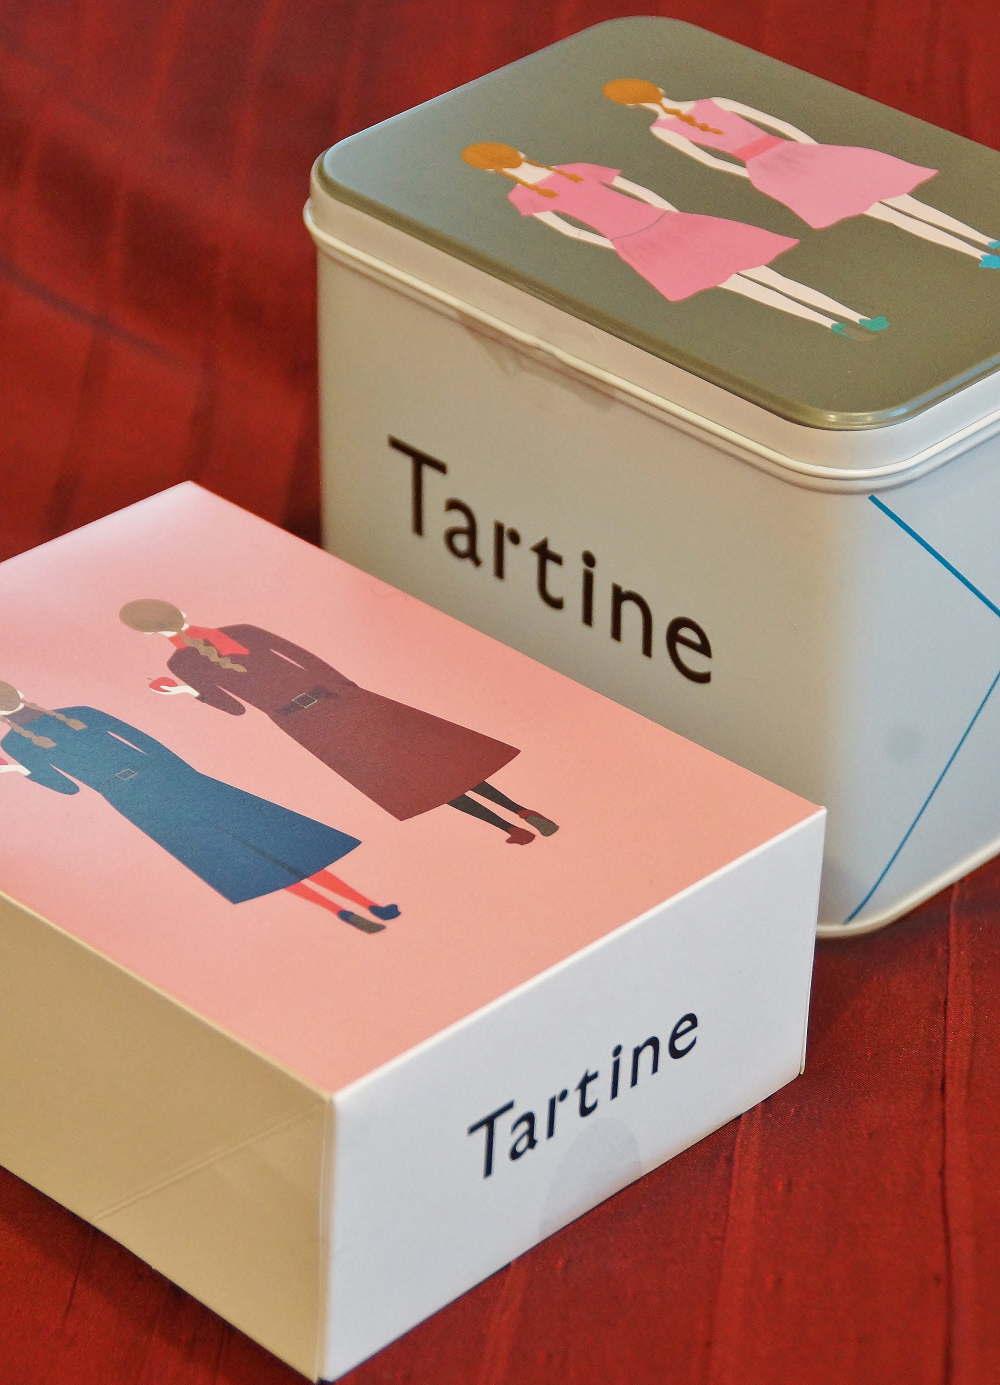 タルティンの箱と缶のデザイン